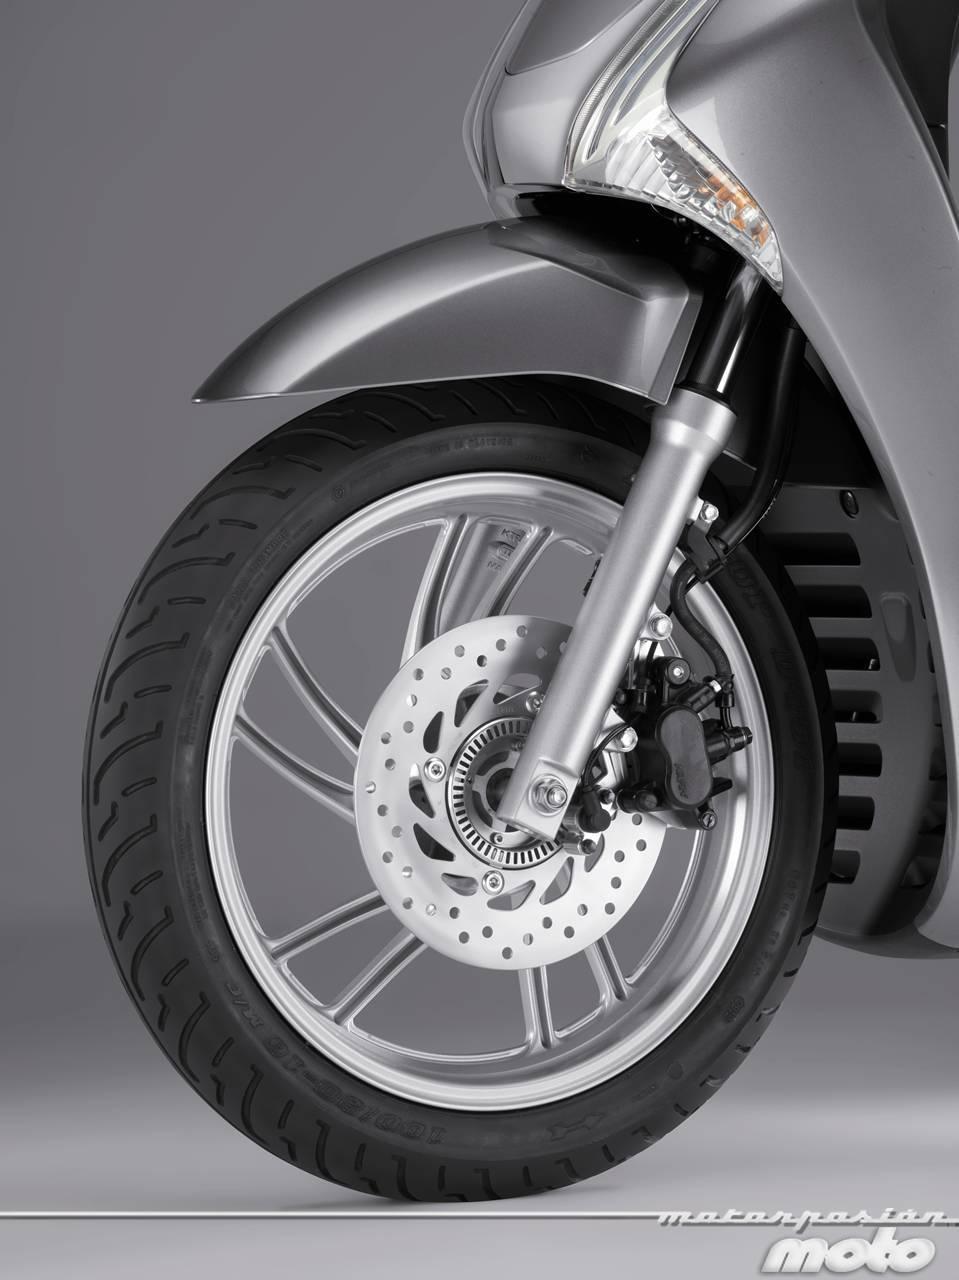 Foto de Honda Scoopy SH125i 2013, prueba (valoración, galería y ficha técnica)  - Fotos Detalles (48/81)